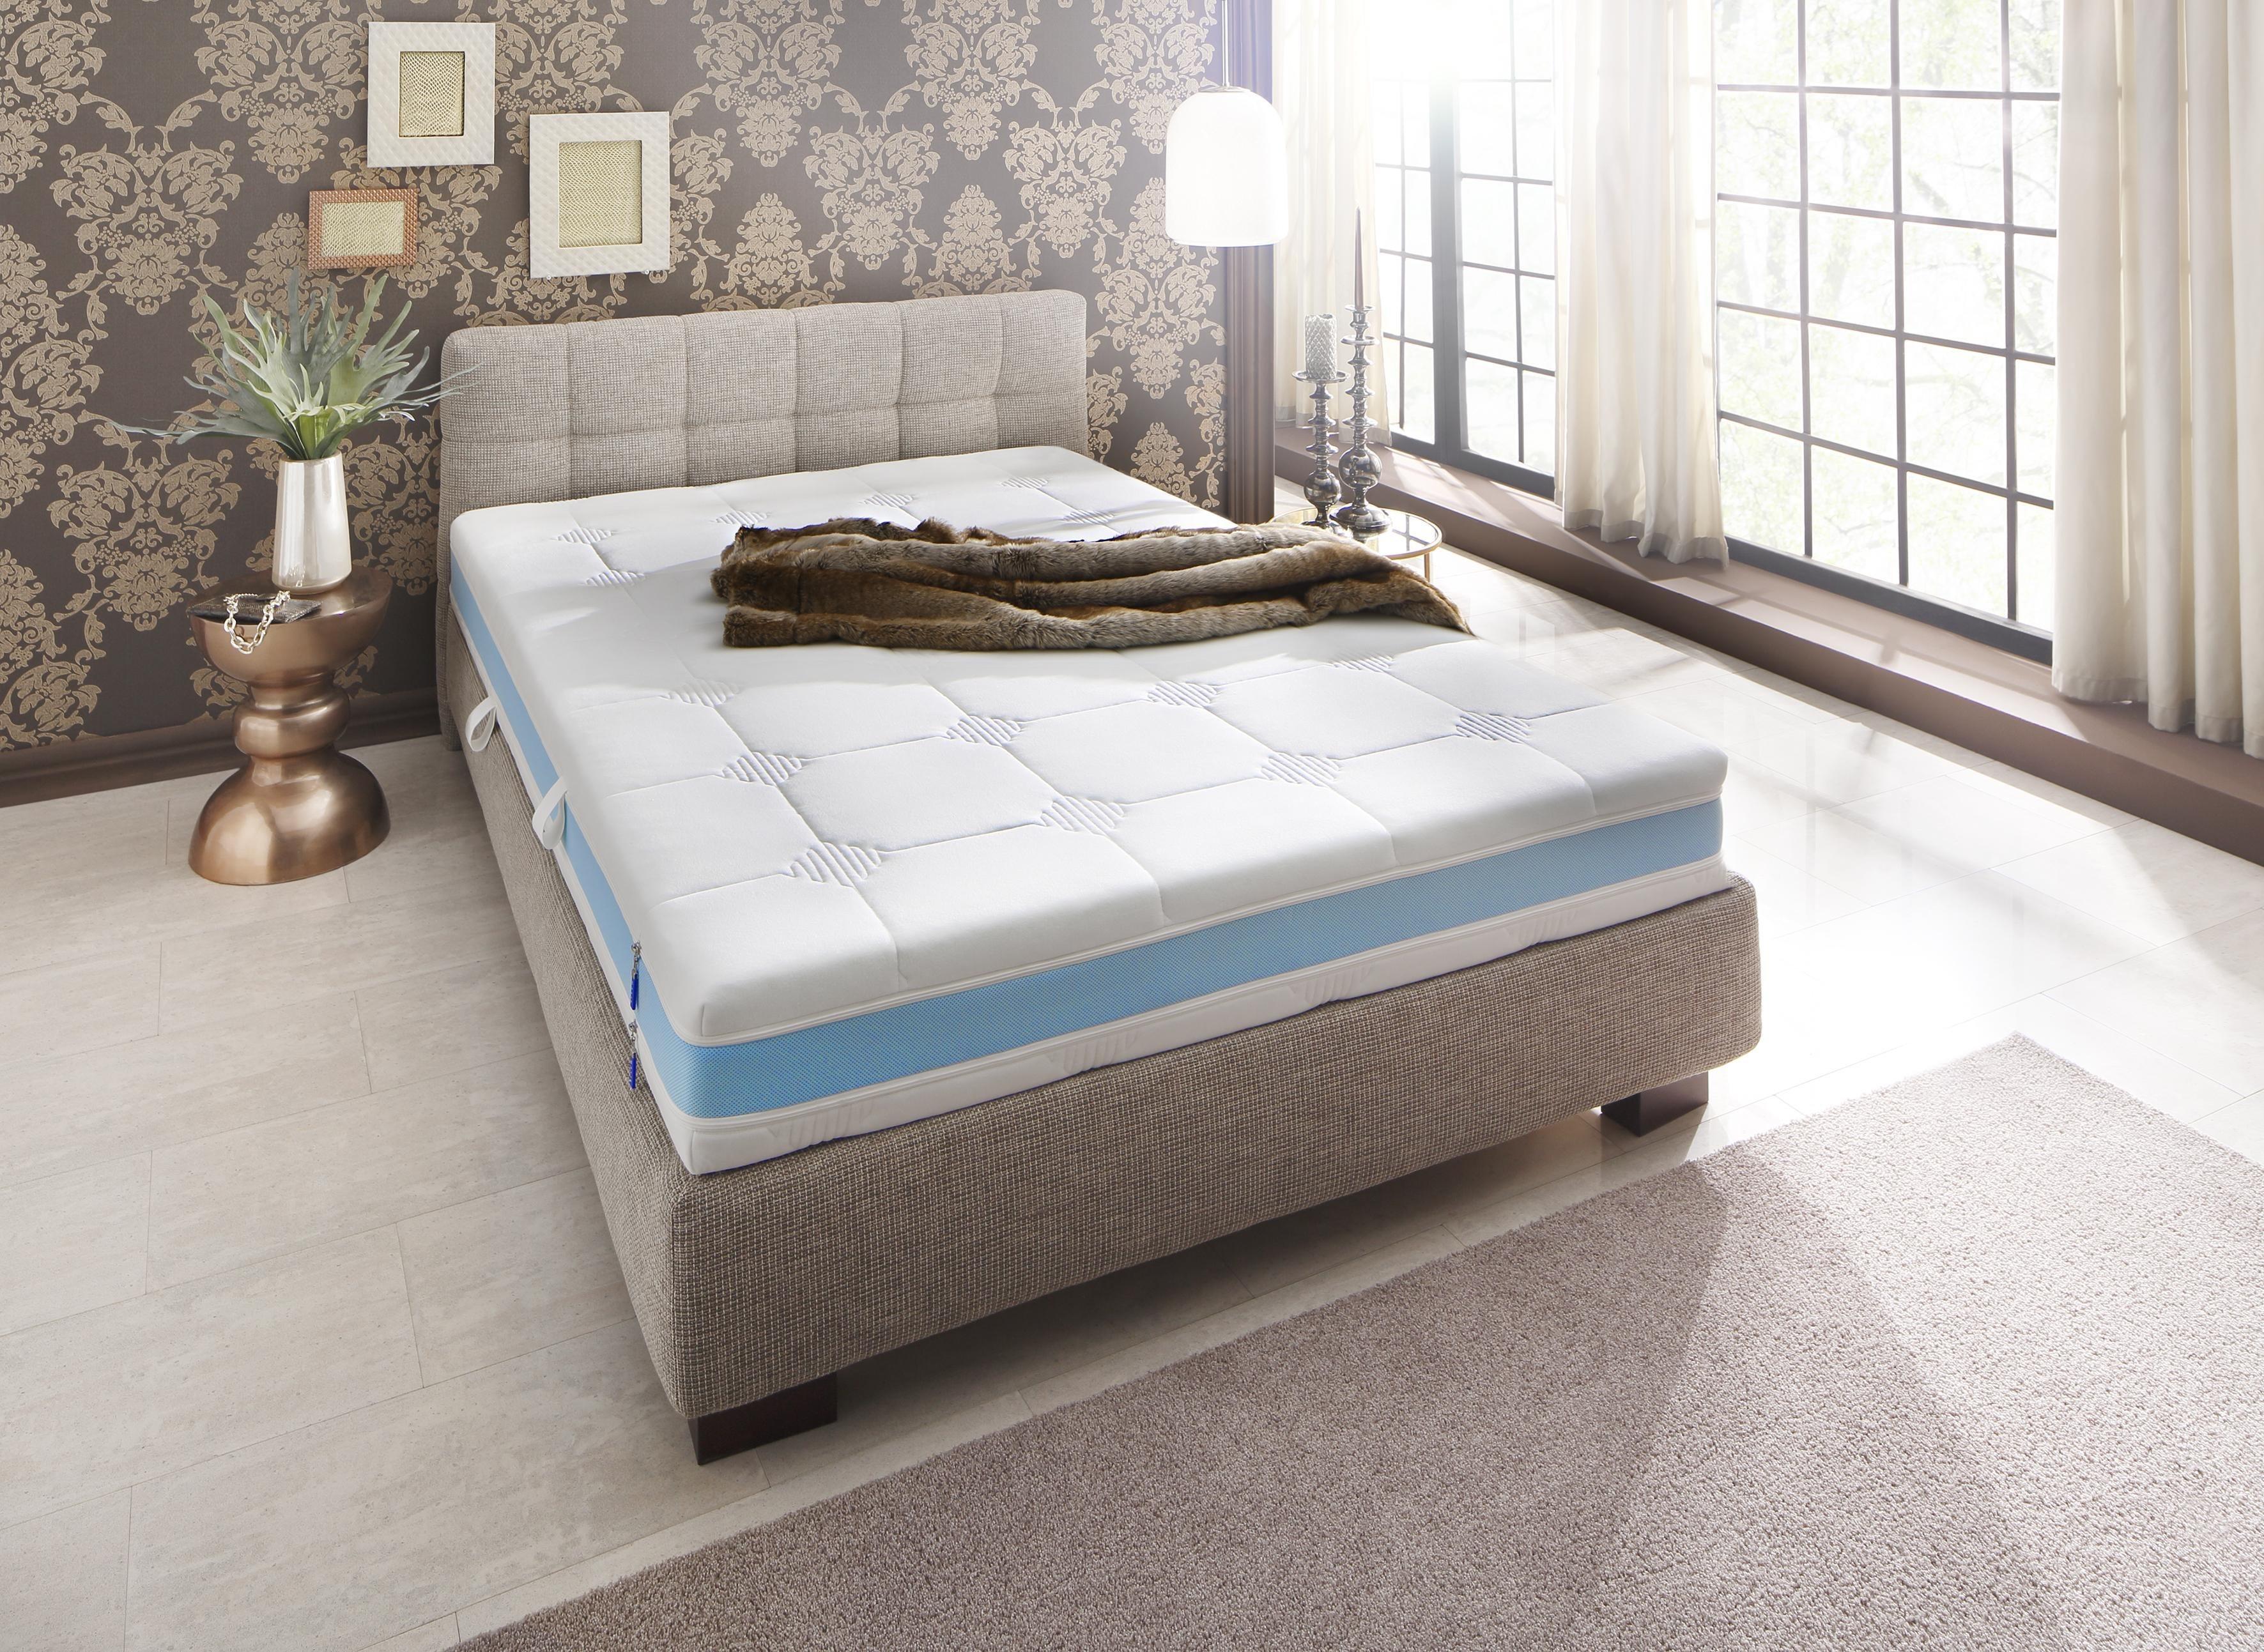 taschenfederkernmatratze leonie malie 19 cm hoch 448 federn 200x200 cm online kaufen bei. Black Bedroom Furniture Sets. Home Design Ideas